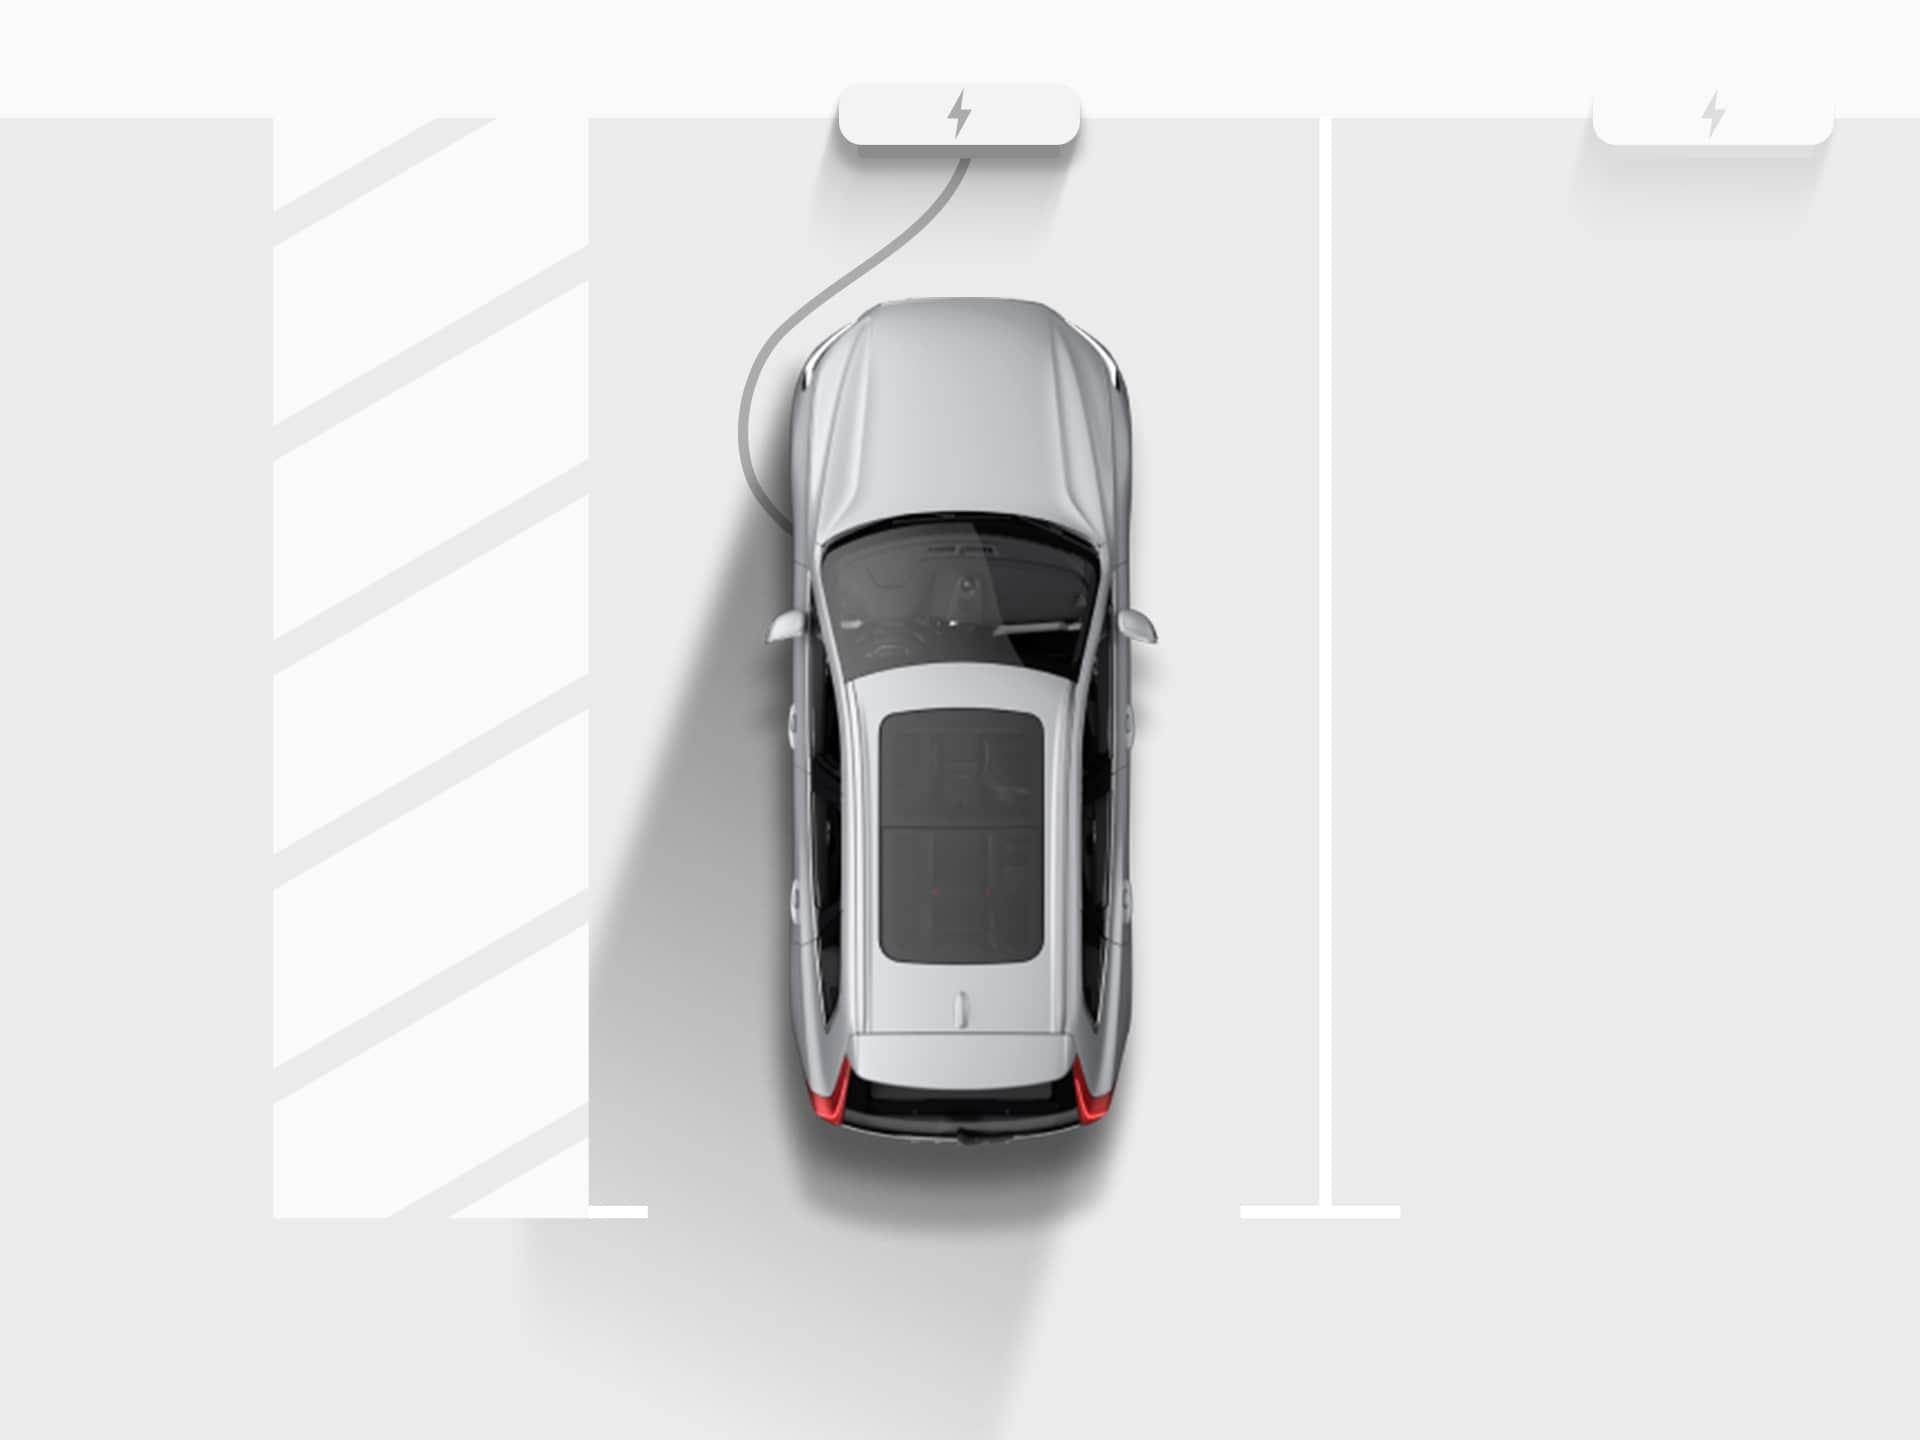 Малюнок згори електричного кросовера Volvo XC40Recharge кольору Silver, підключеного до станції заряджання на паркінгу в будинку.